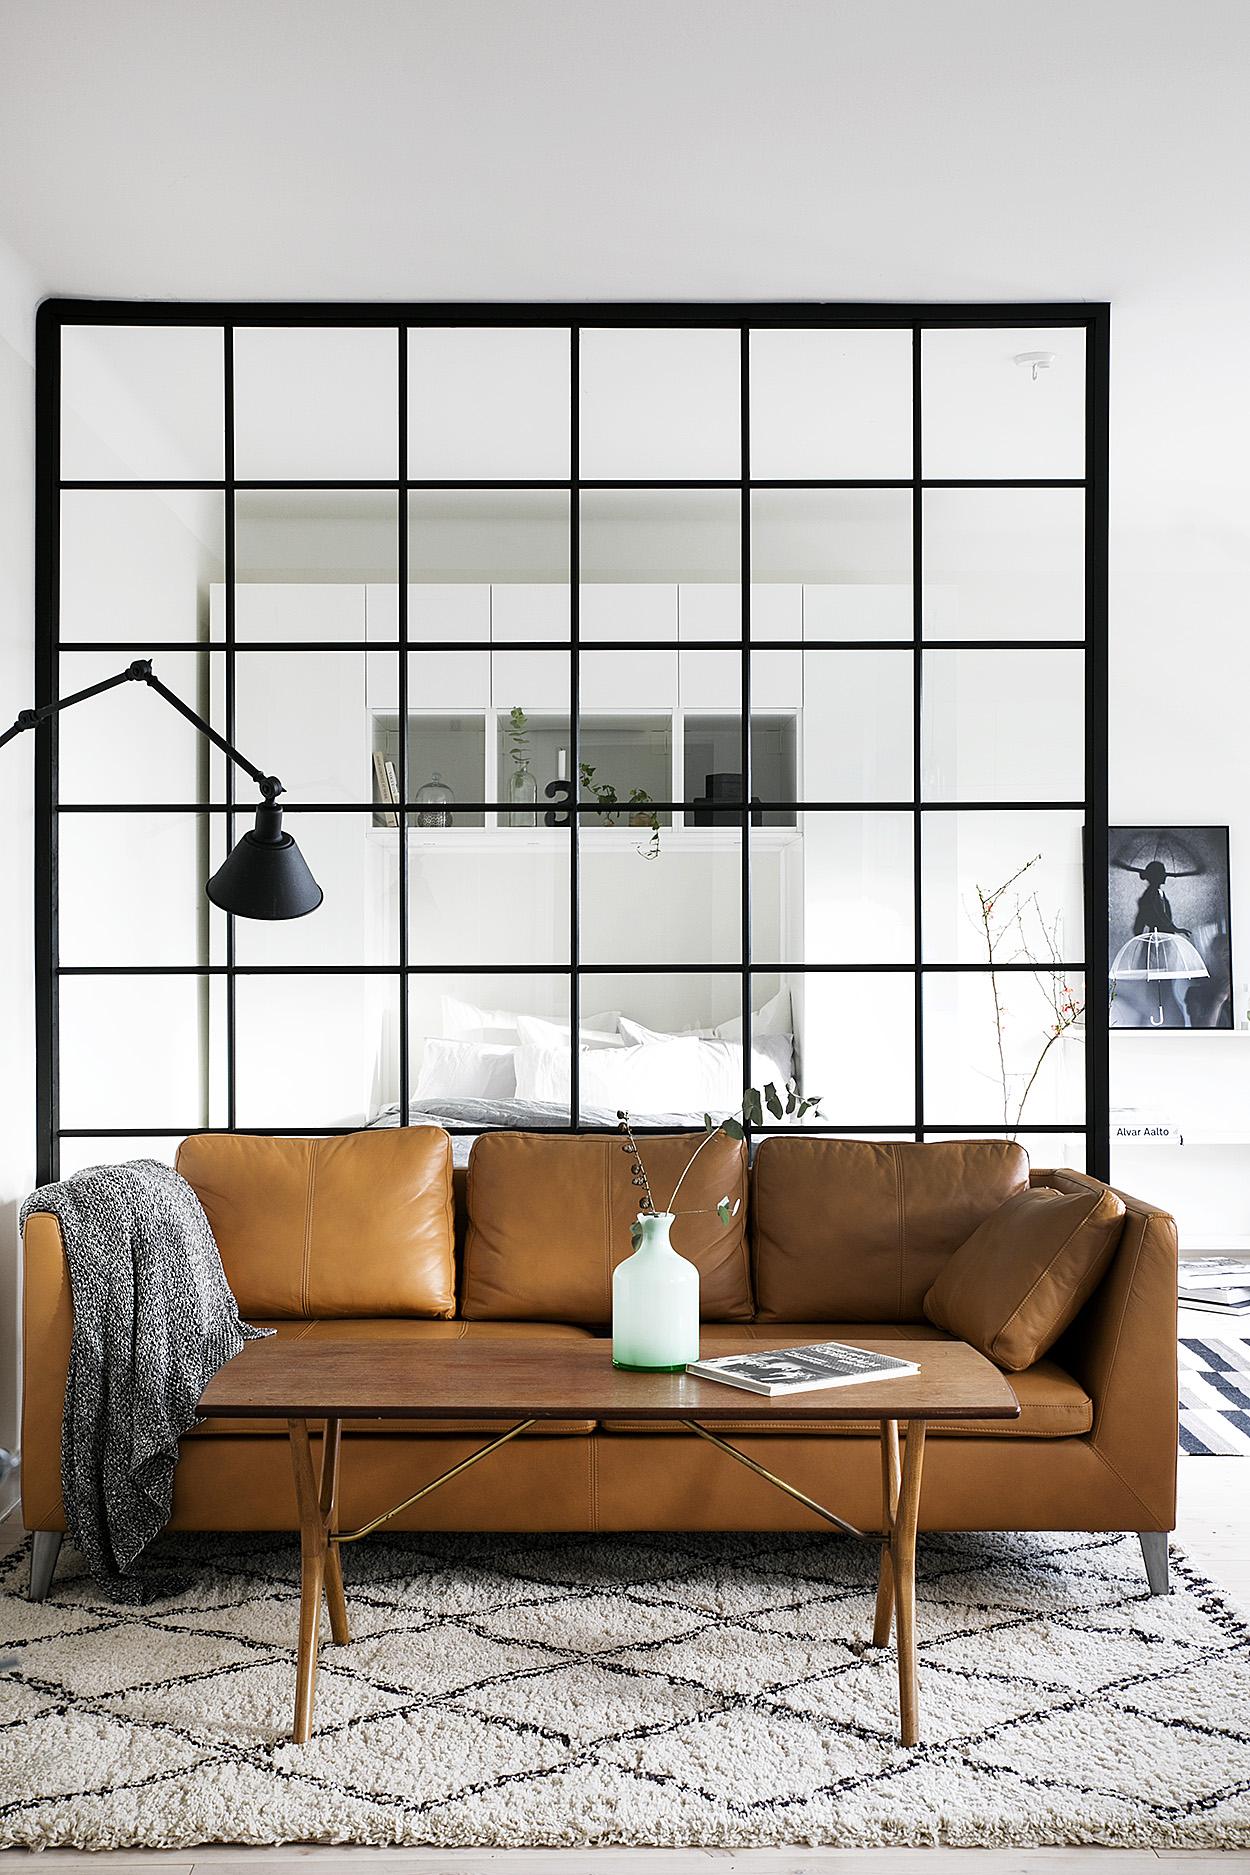 дизайн для маленькой квартиры_Стокгольм_2